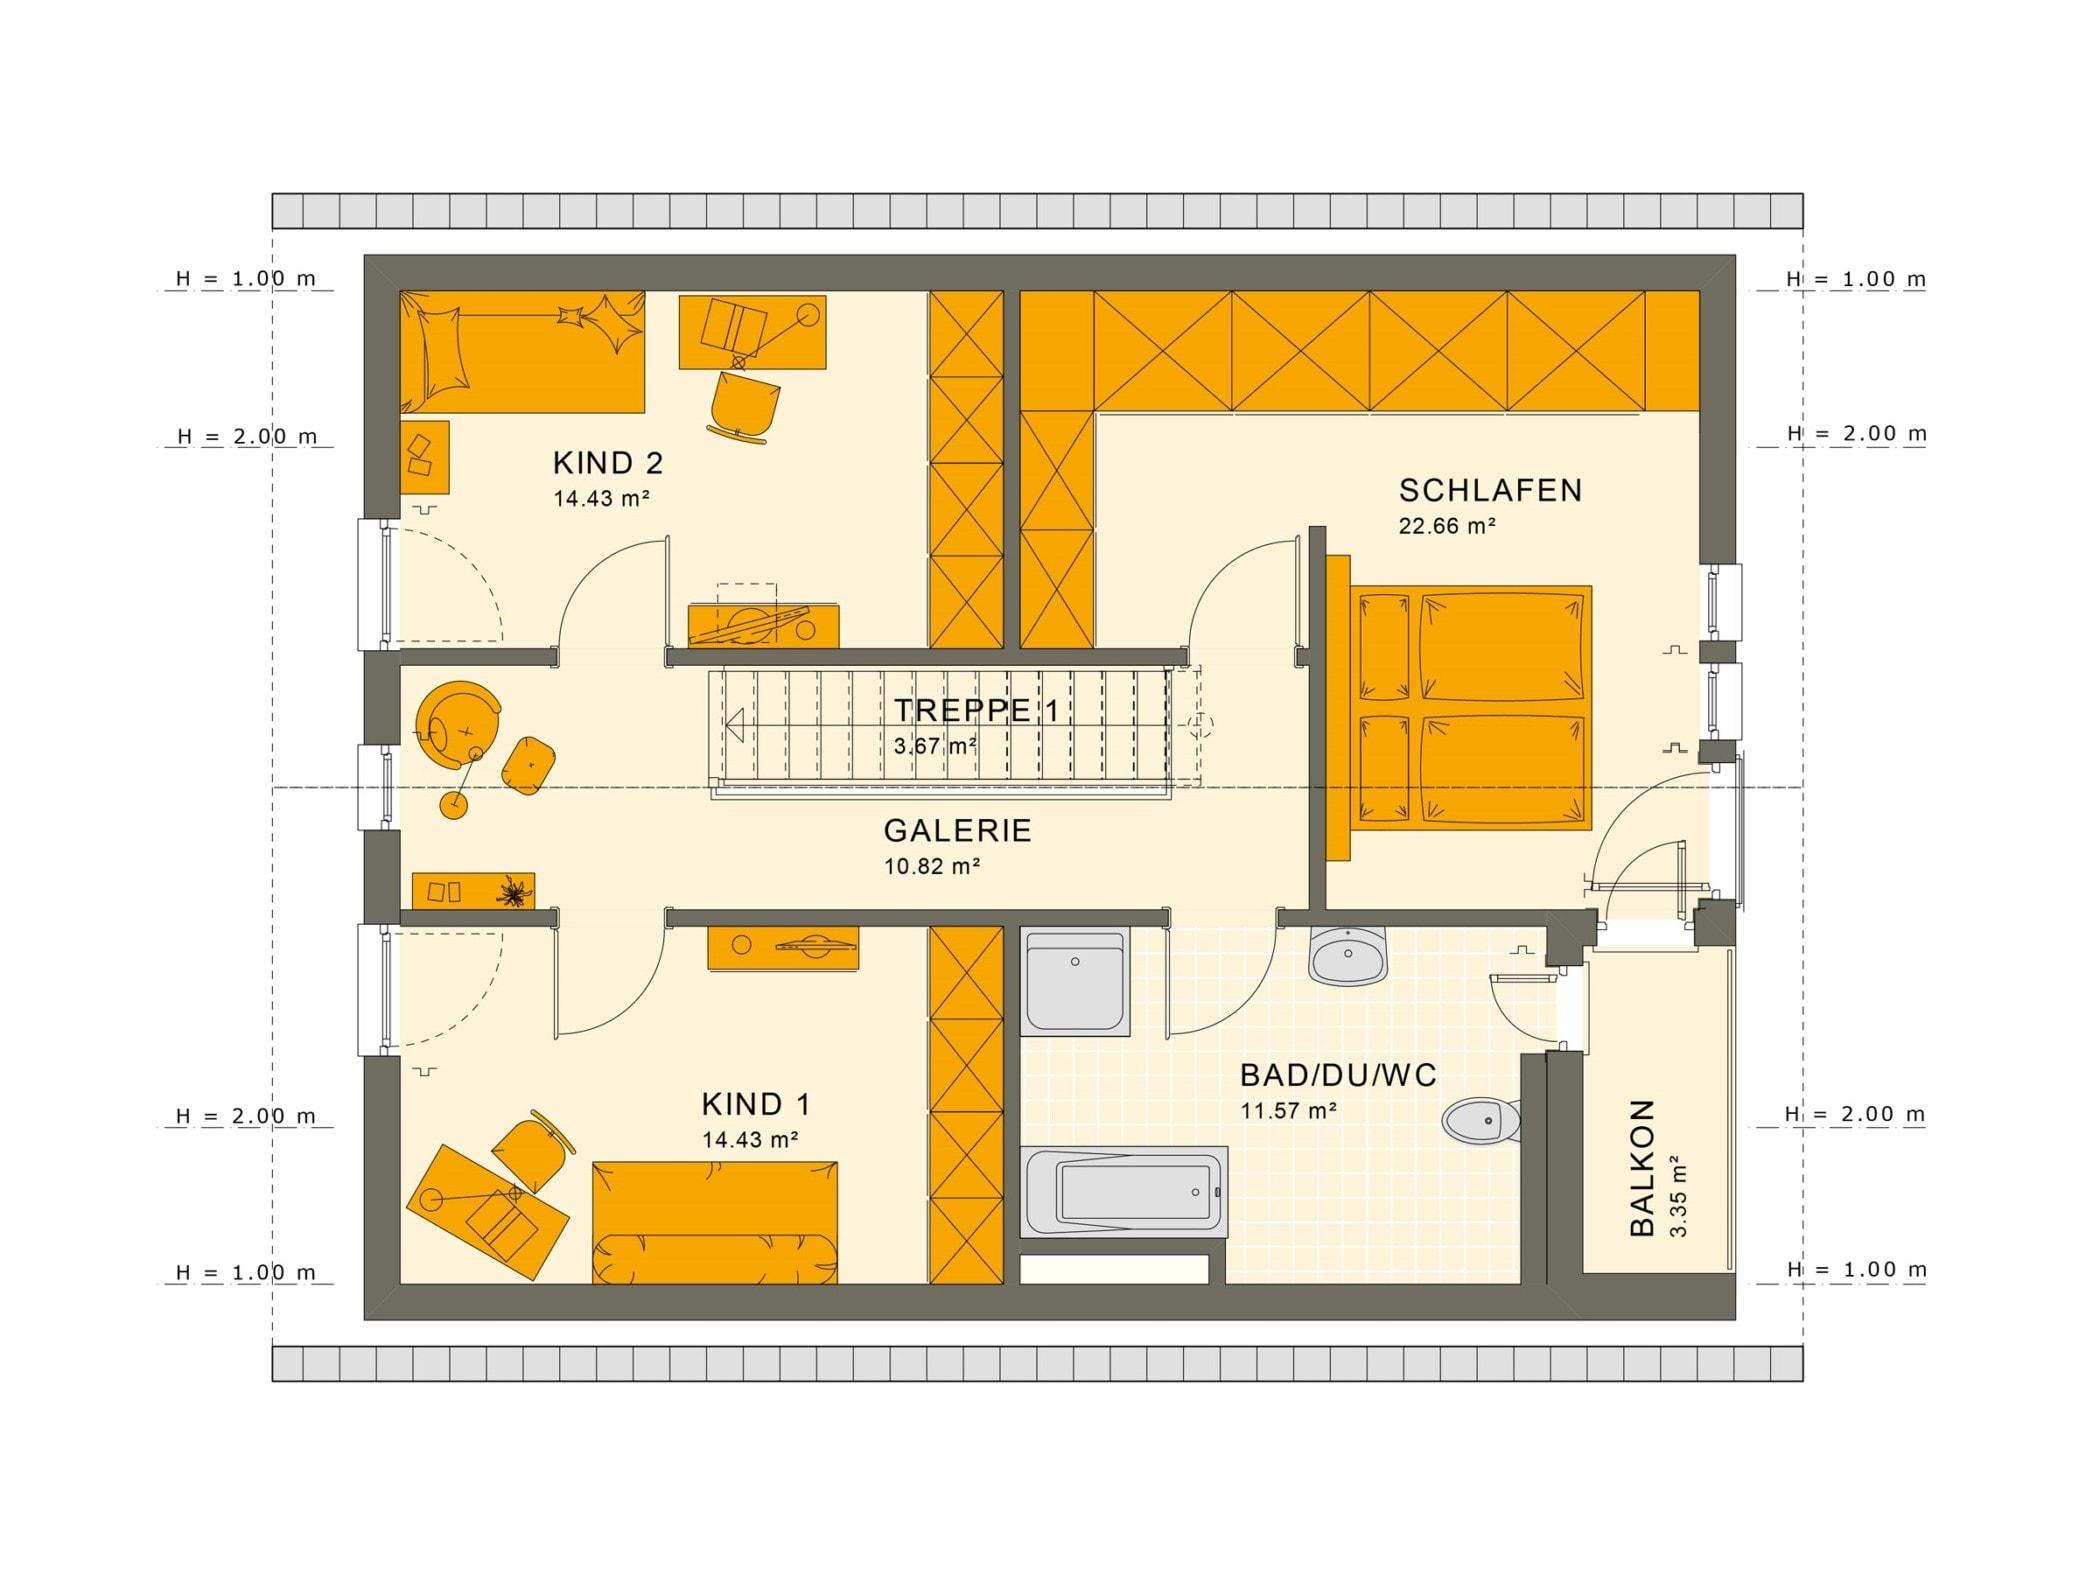 Grundriss Einfamilienhaus Obergeschoss gerade Treppe & Satteldach, 5 Zimmer, 140 qm - Fertighaus Living Haus SUNSHINE 144 V2 - HausbauDirekt.de